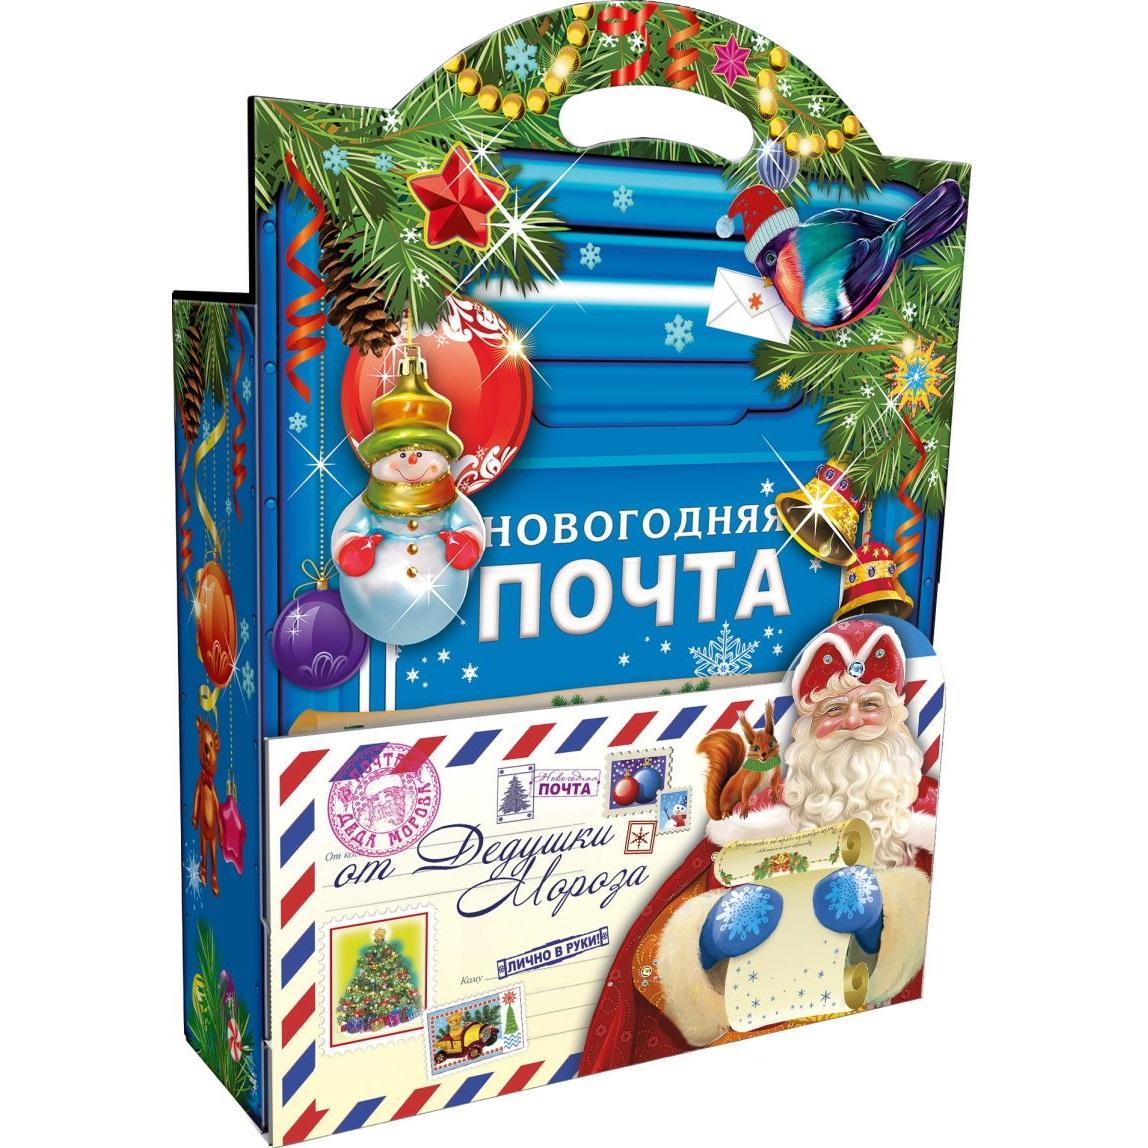 Сладкие новогодние подарки ханты-мансийск